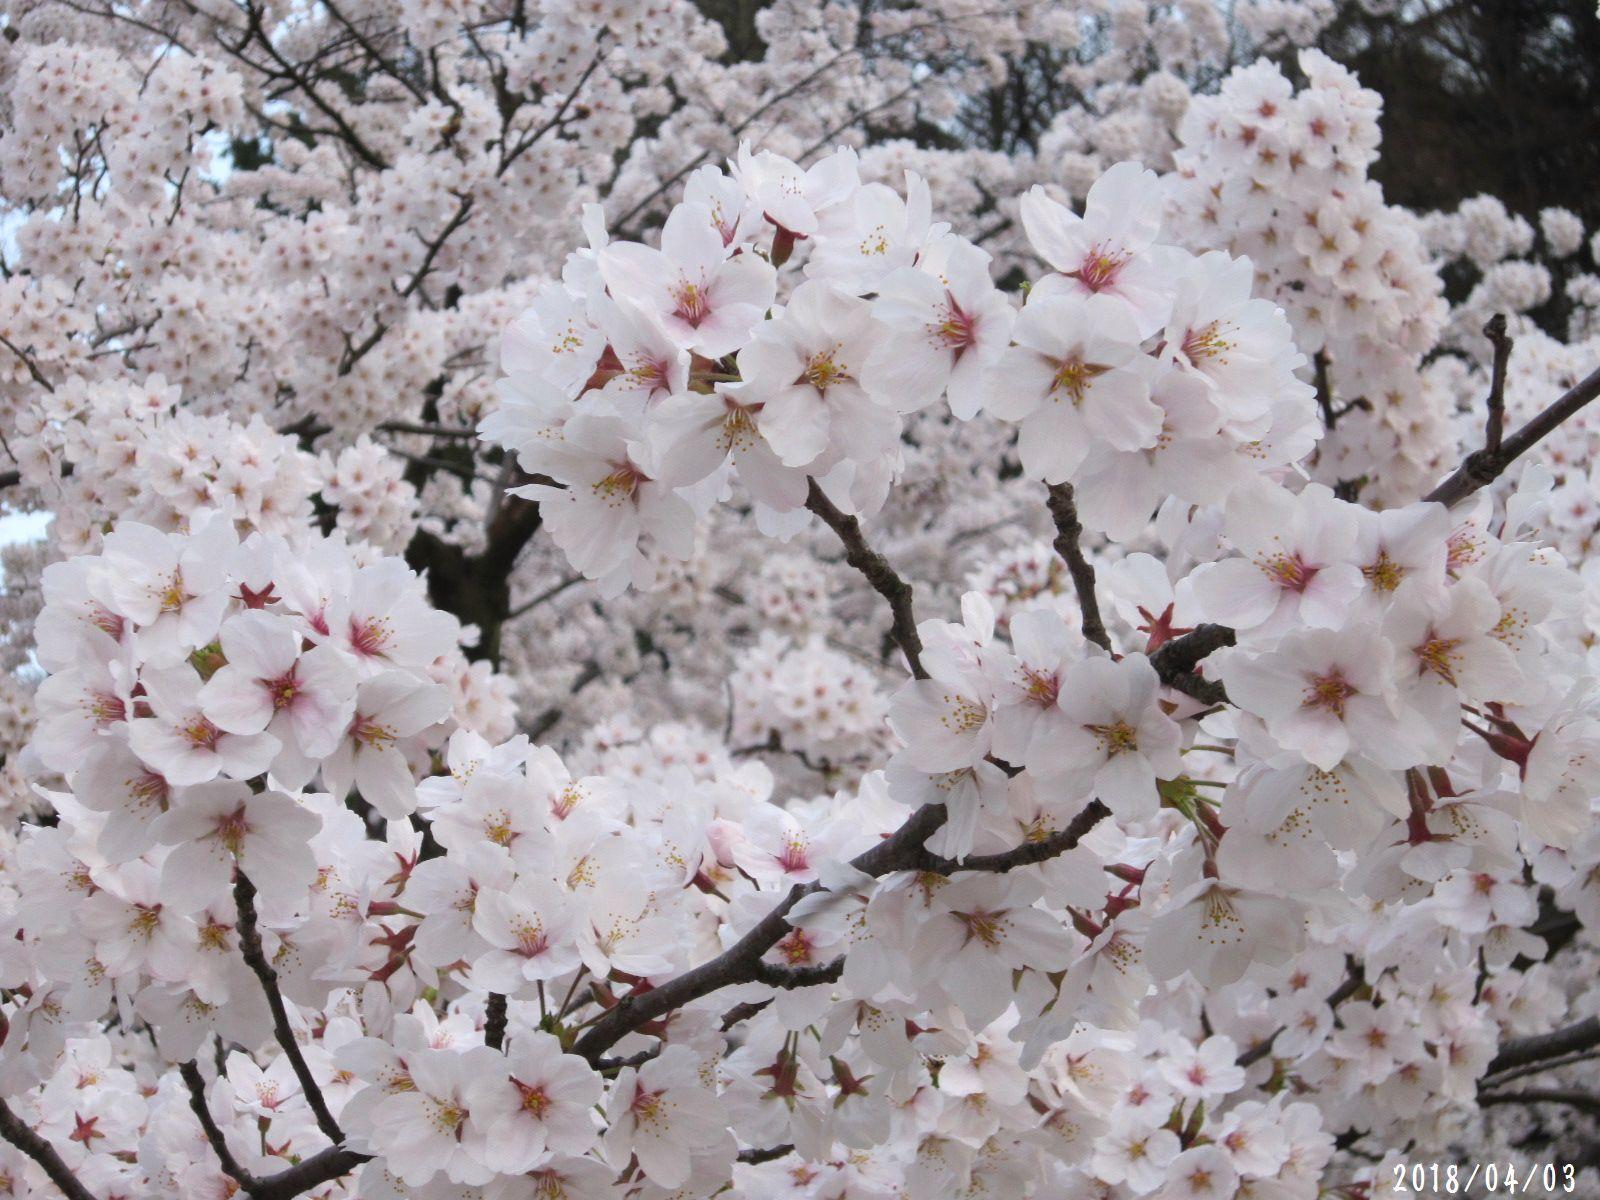 桜だより❀ 満開です❀ (4月7日 追記あり)  _a0207574_17101862.jpg